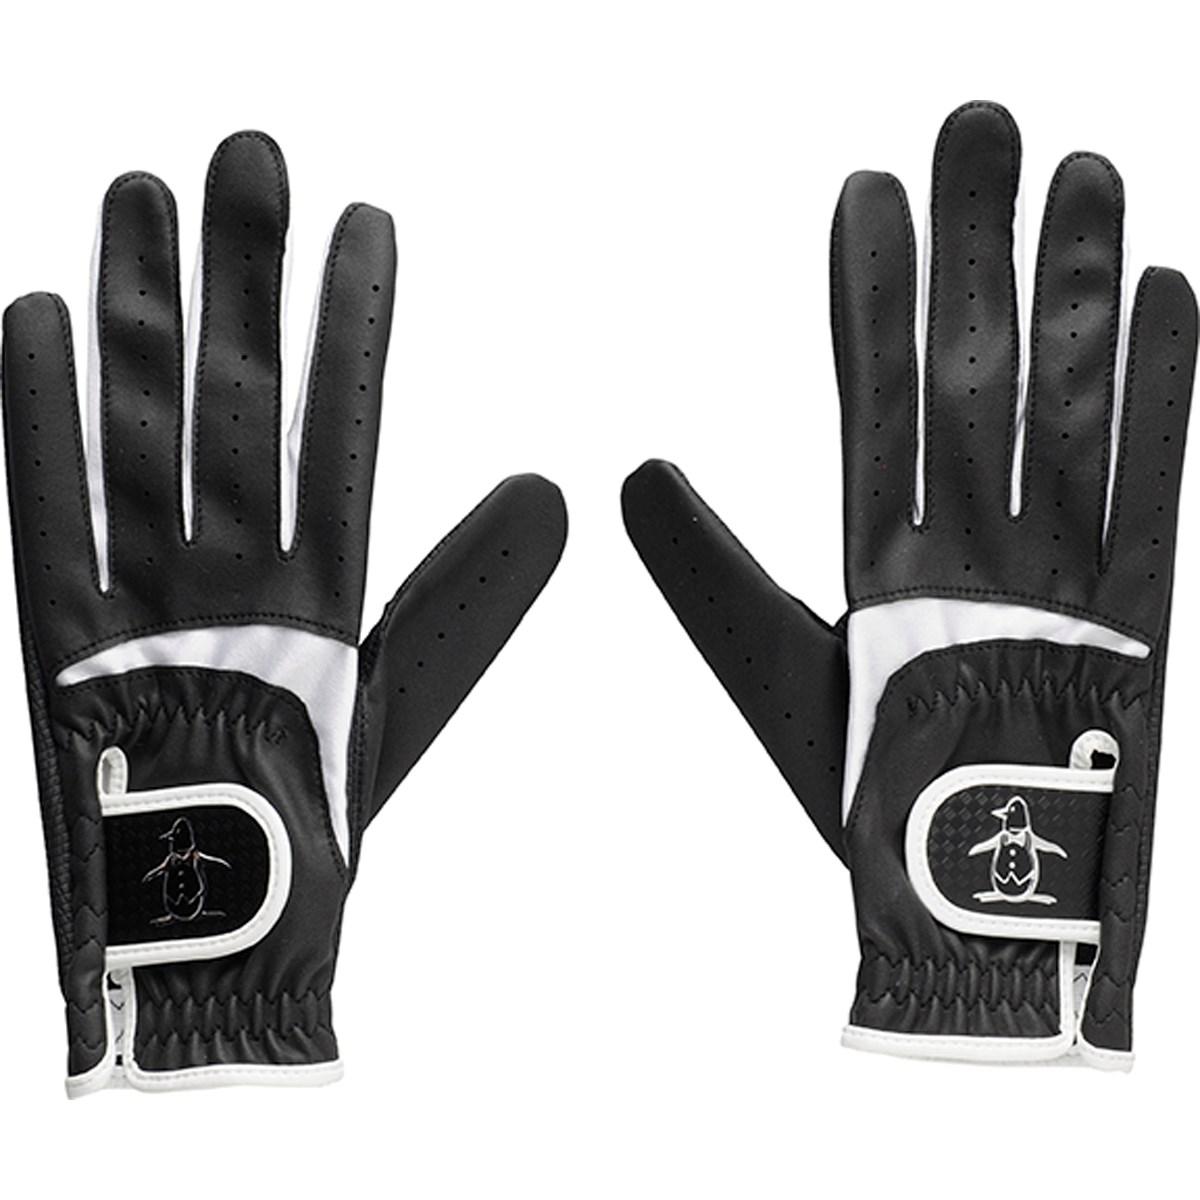 マンシングウェア Munsingwear ゴルフグローブ 両手用 M 両手用 ブラック 00 レディス